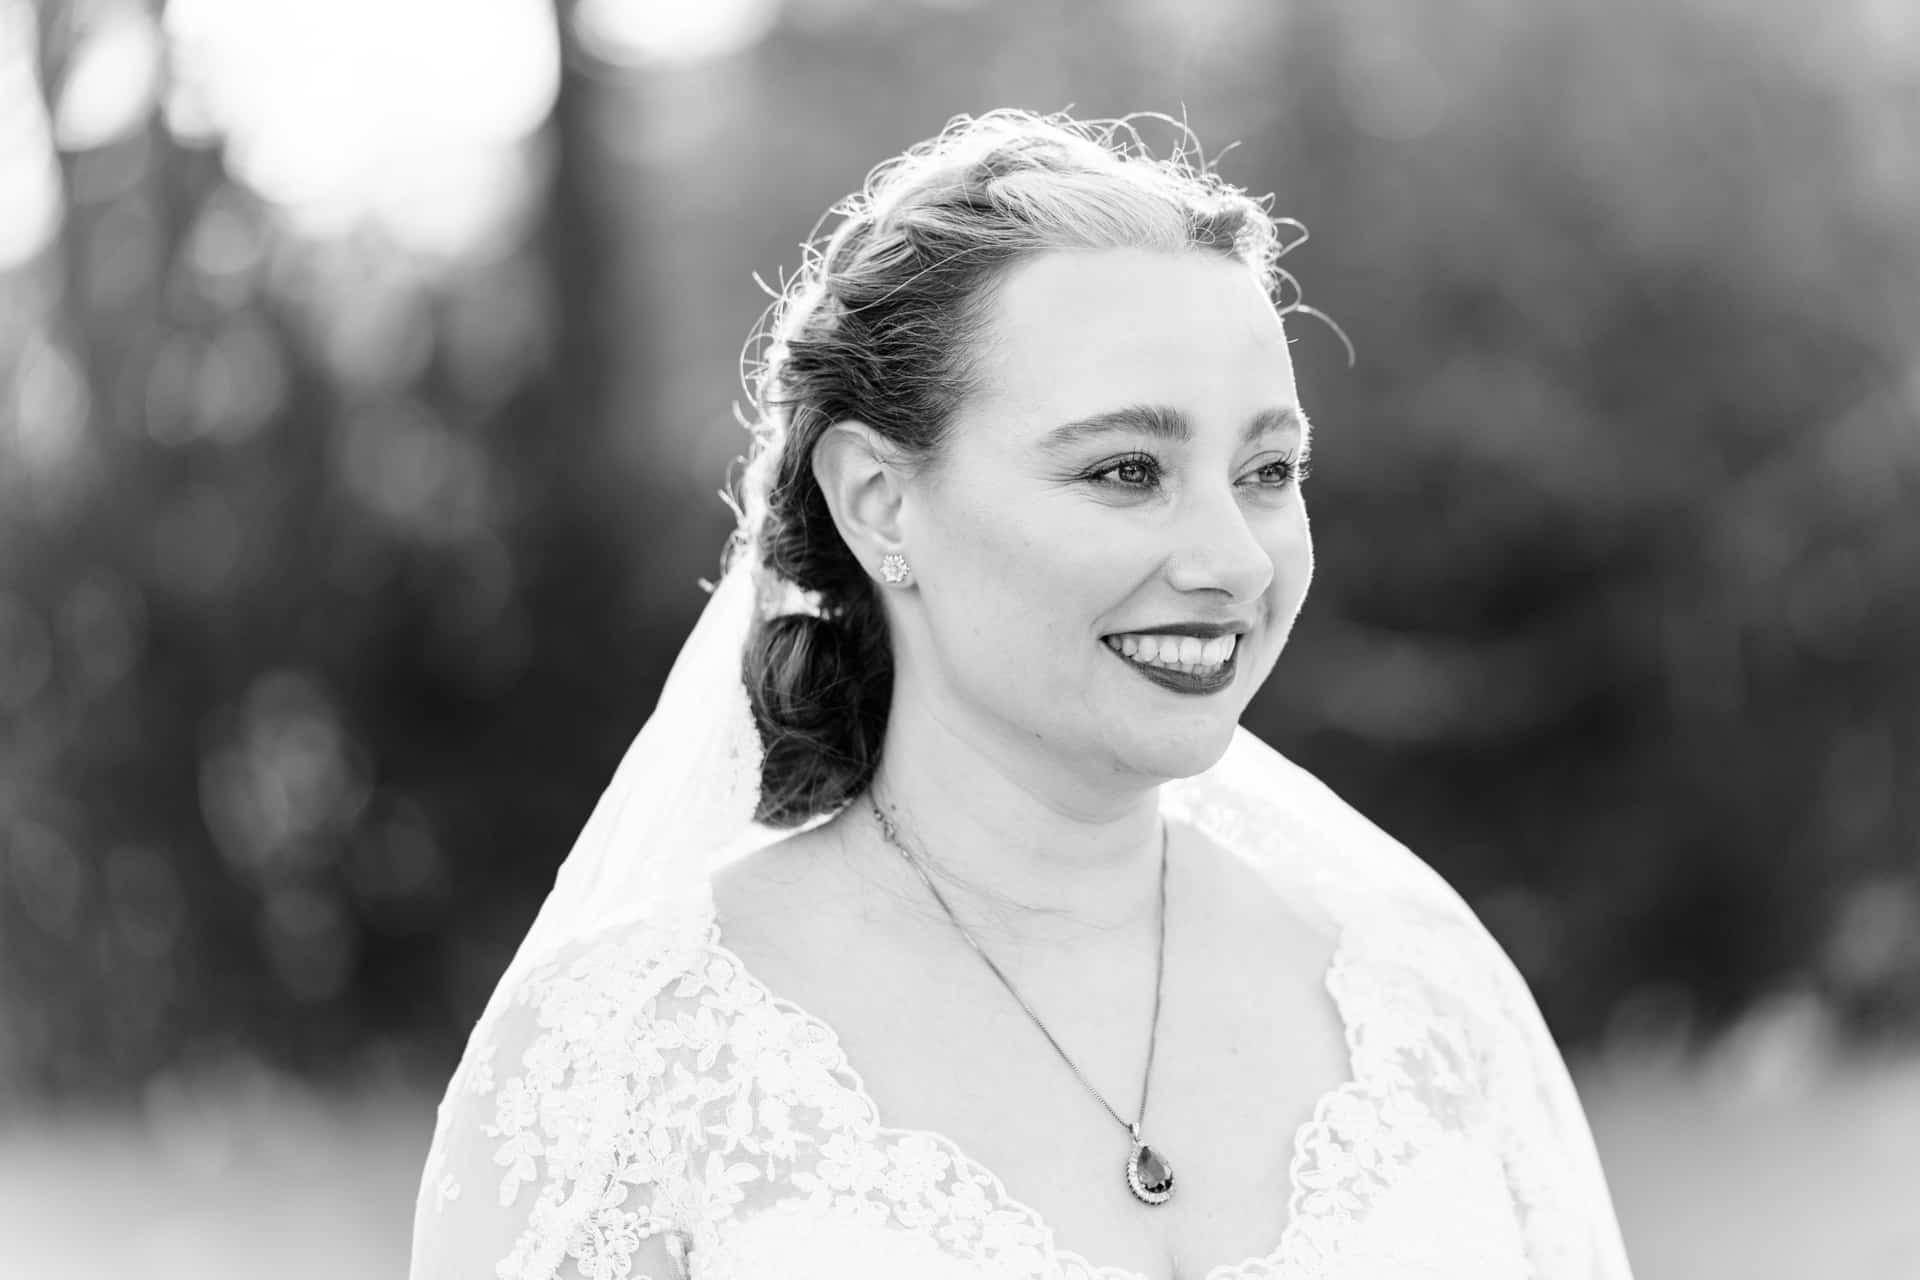 Bruidsfotografie Kasteel Ter Horst Loenen, trouwfotografie door trouwfotograaf Grietje Mesman, portret bruid zwart-wit